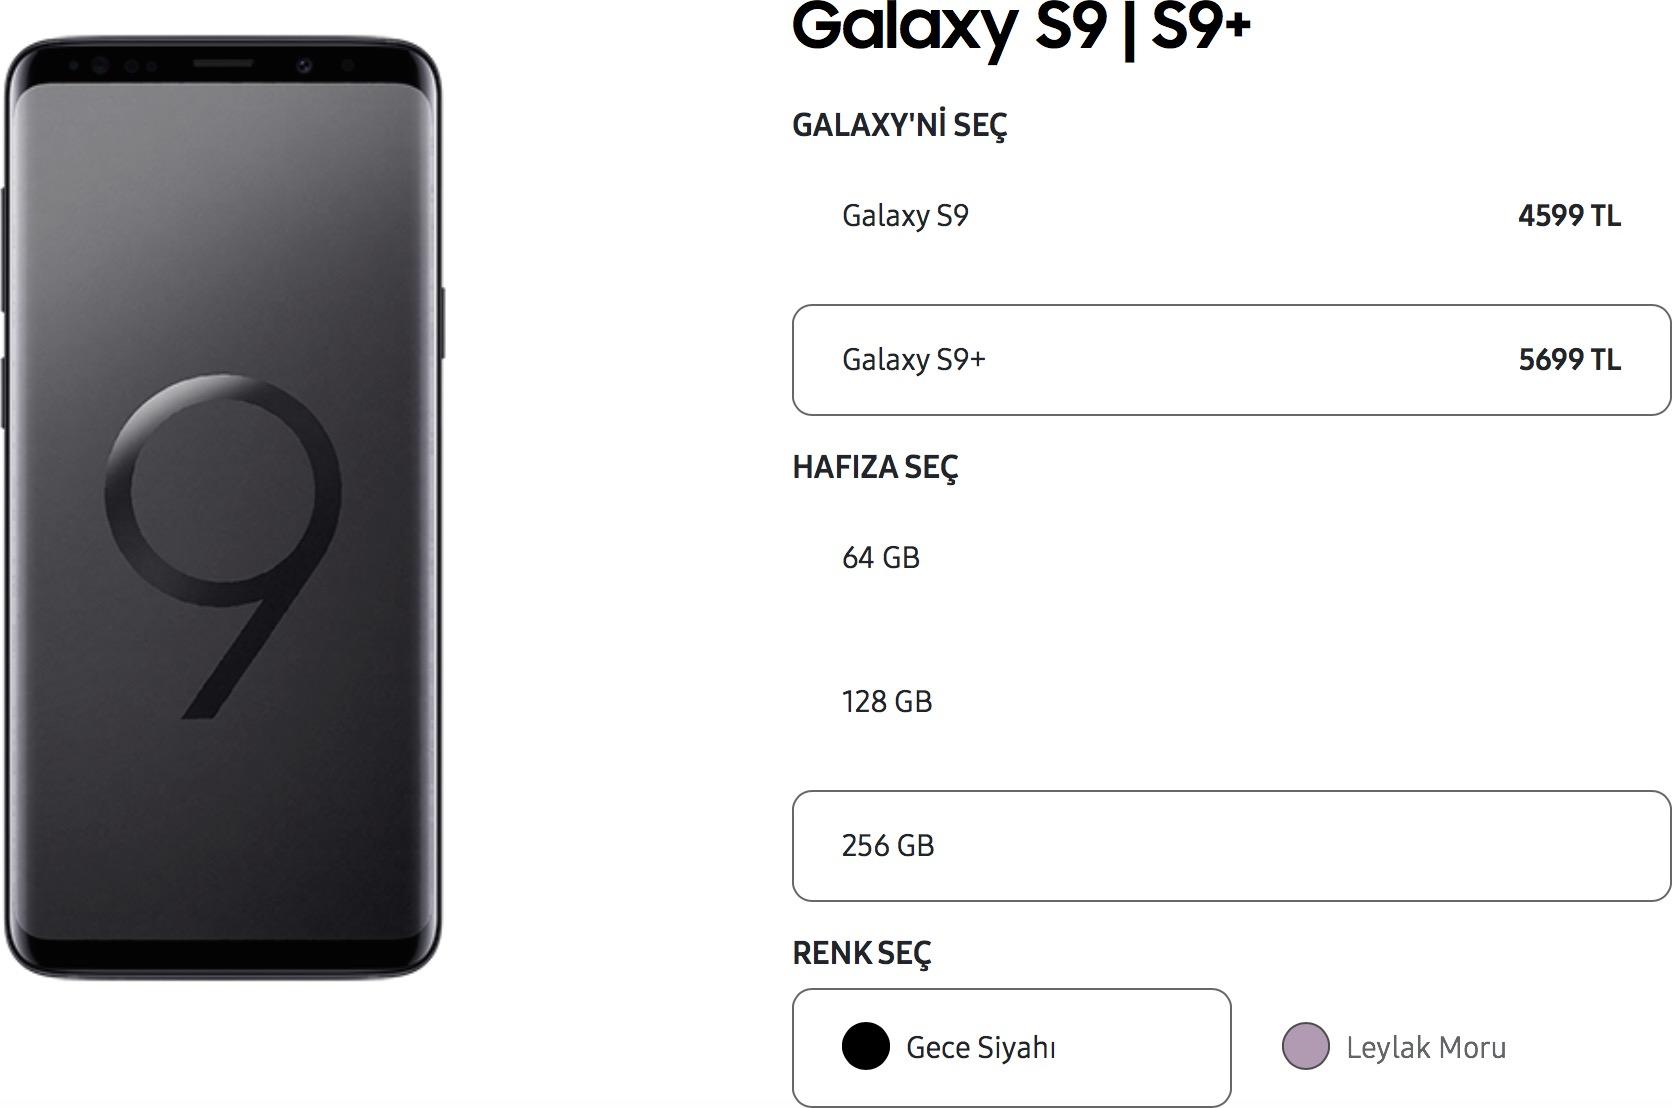 Galaxy S9+ 256 GB Türkiye fiyatı